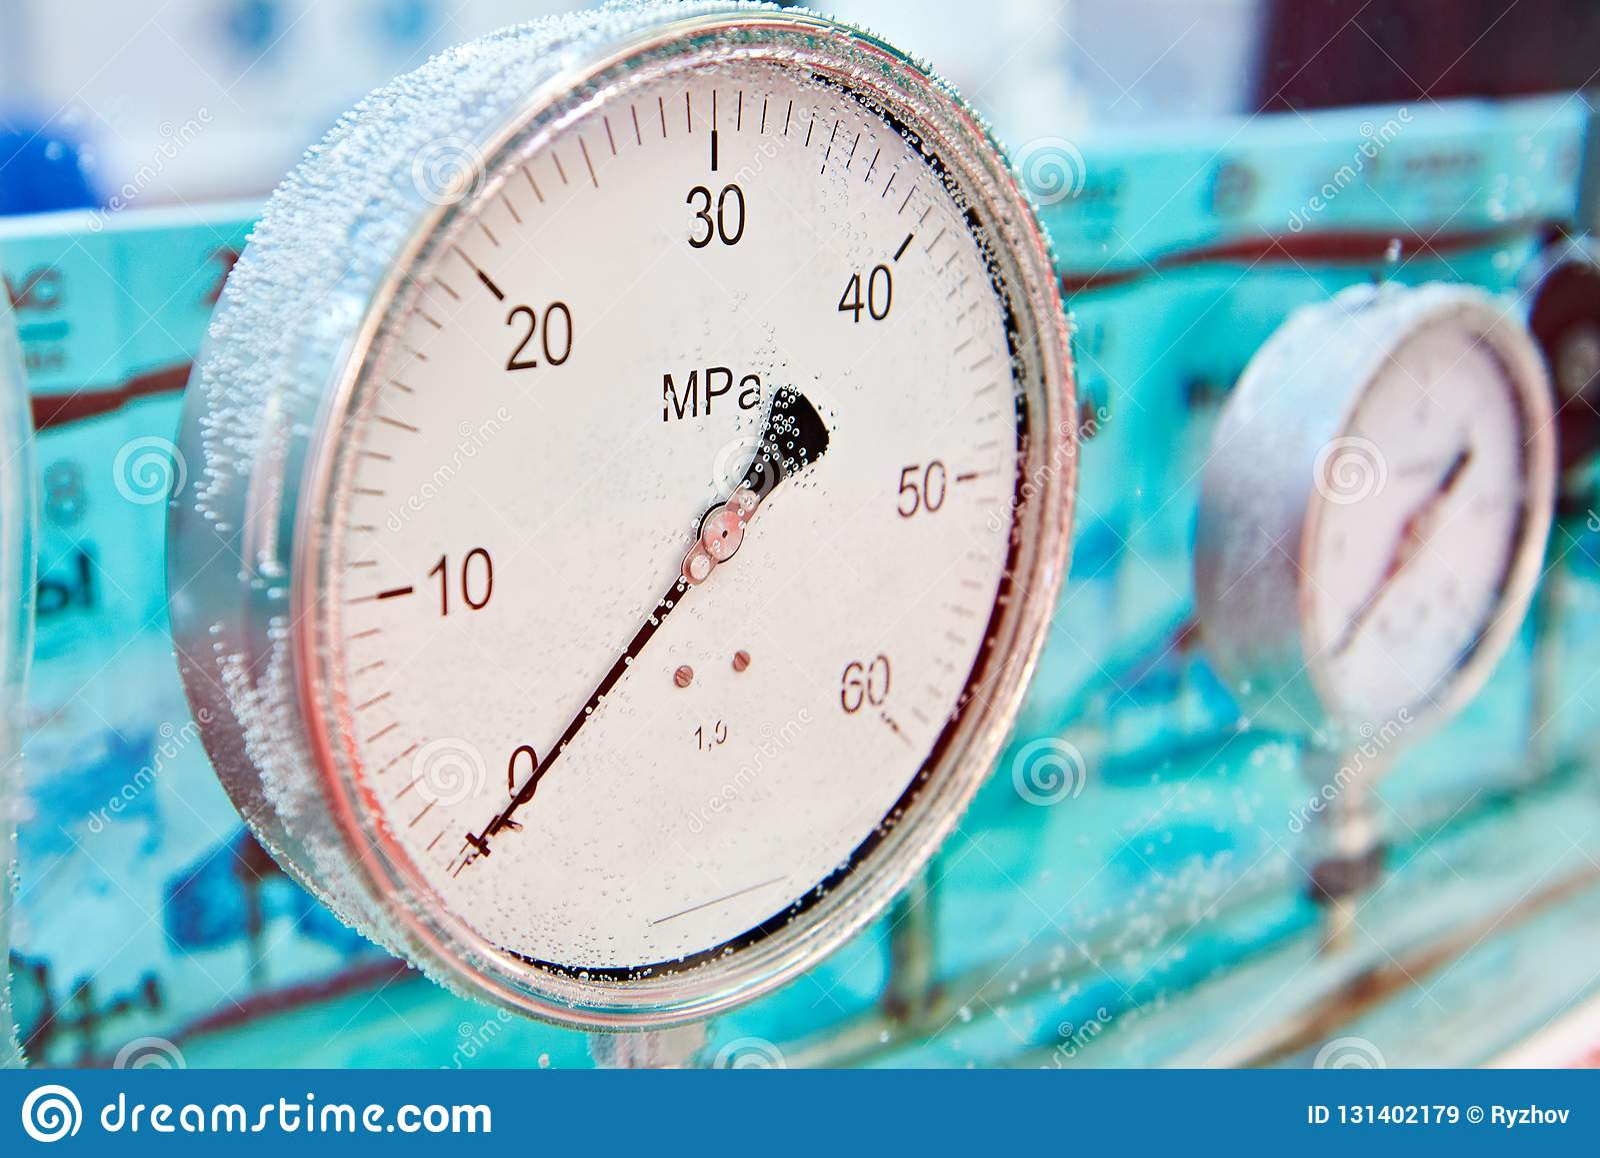 Sensores análogos industriales de la presión en agua